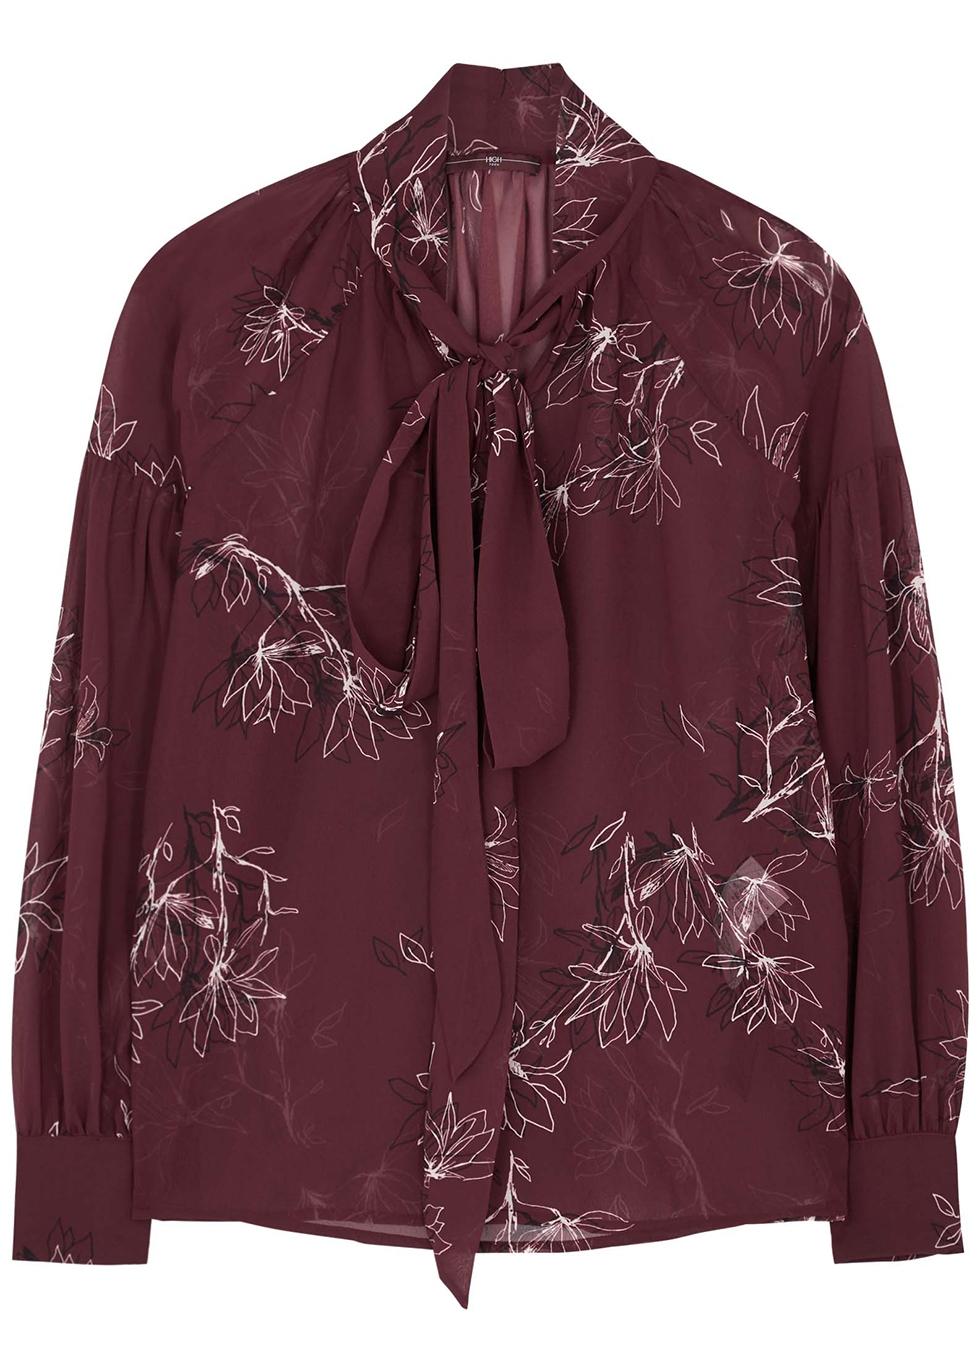 Perception floral-print chiffon blouse